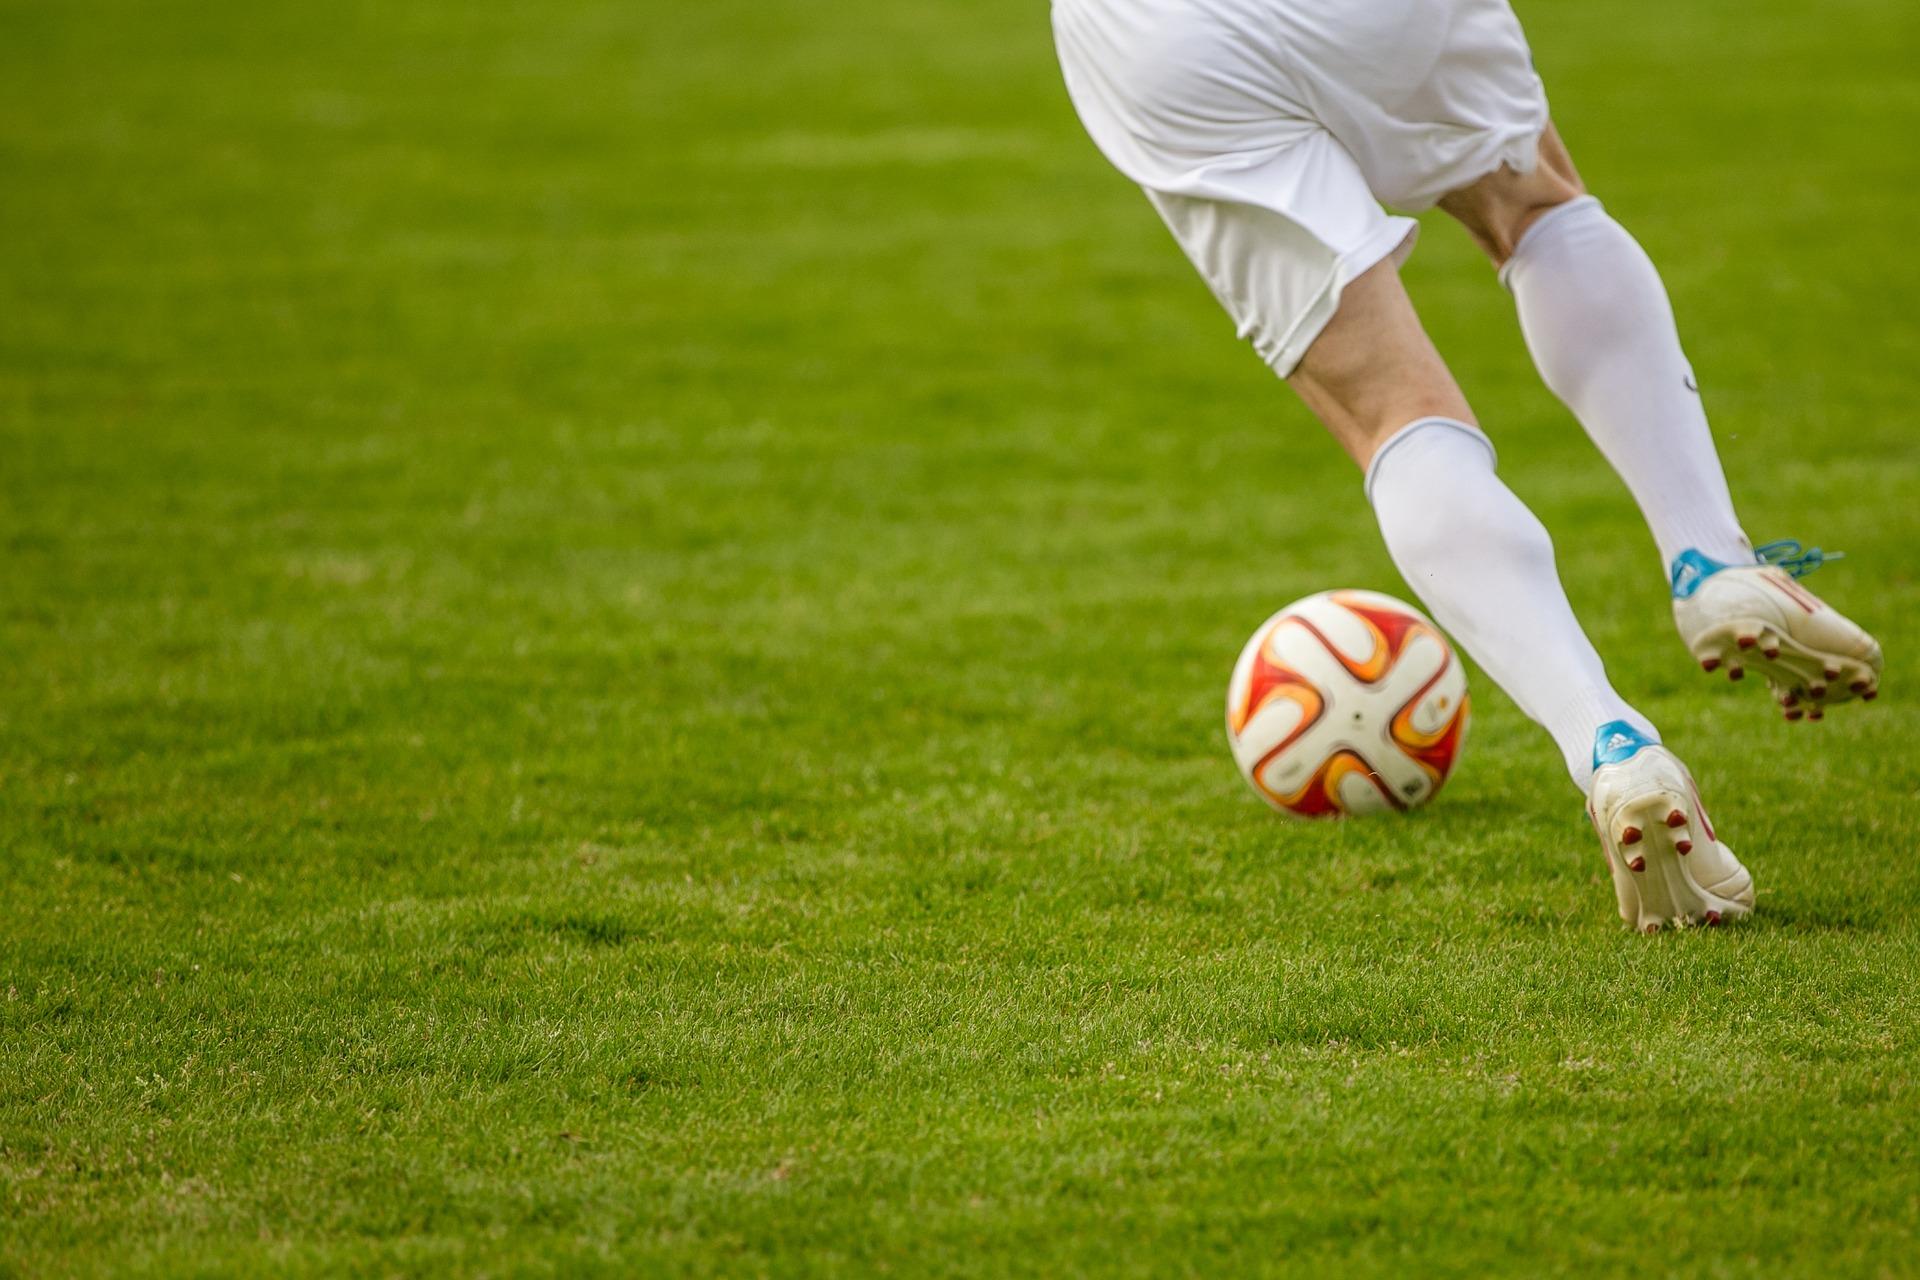 サッカーの試合のイメージ画像